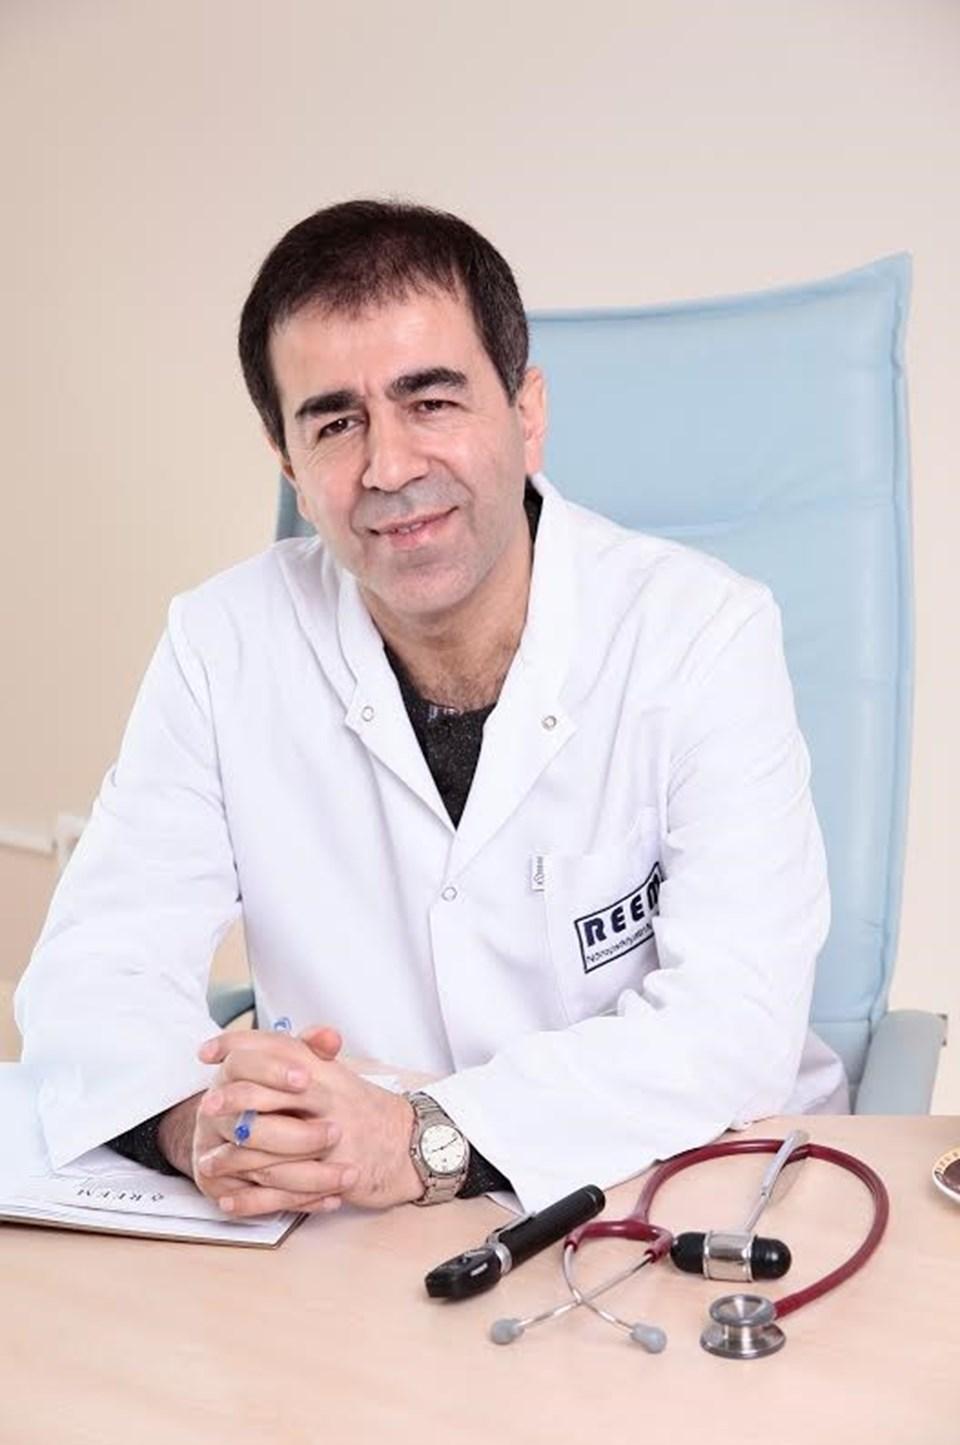 Dr. Mehmet Yavuz